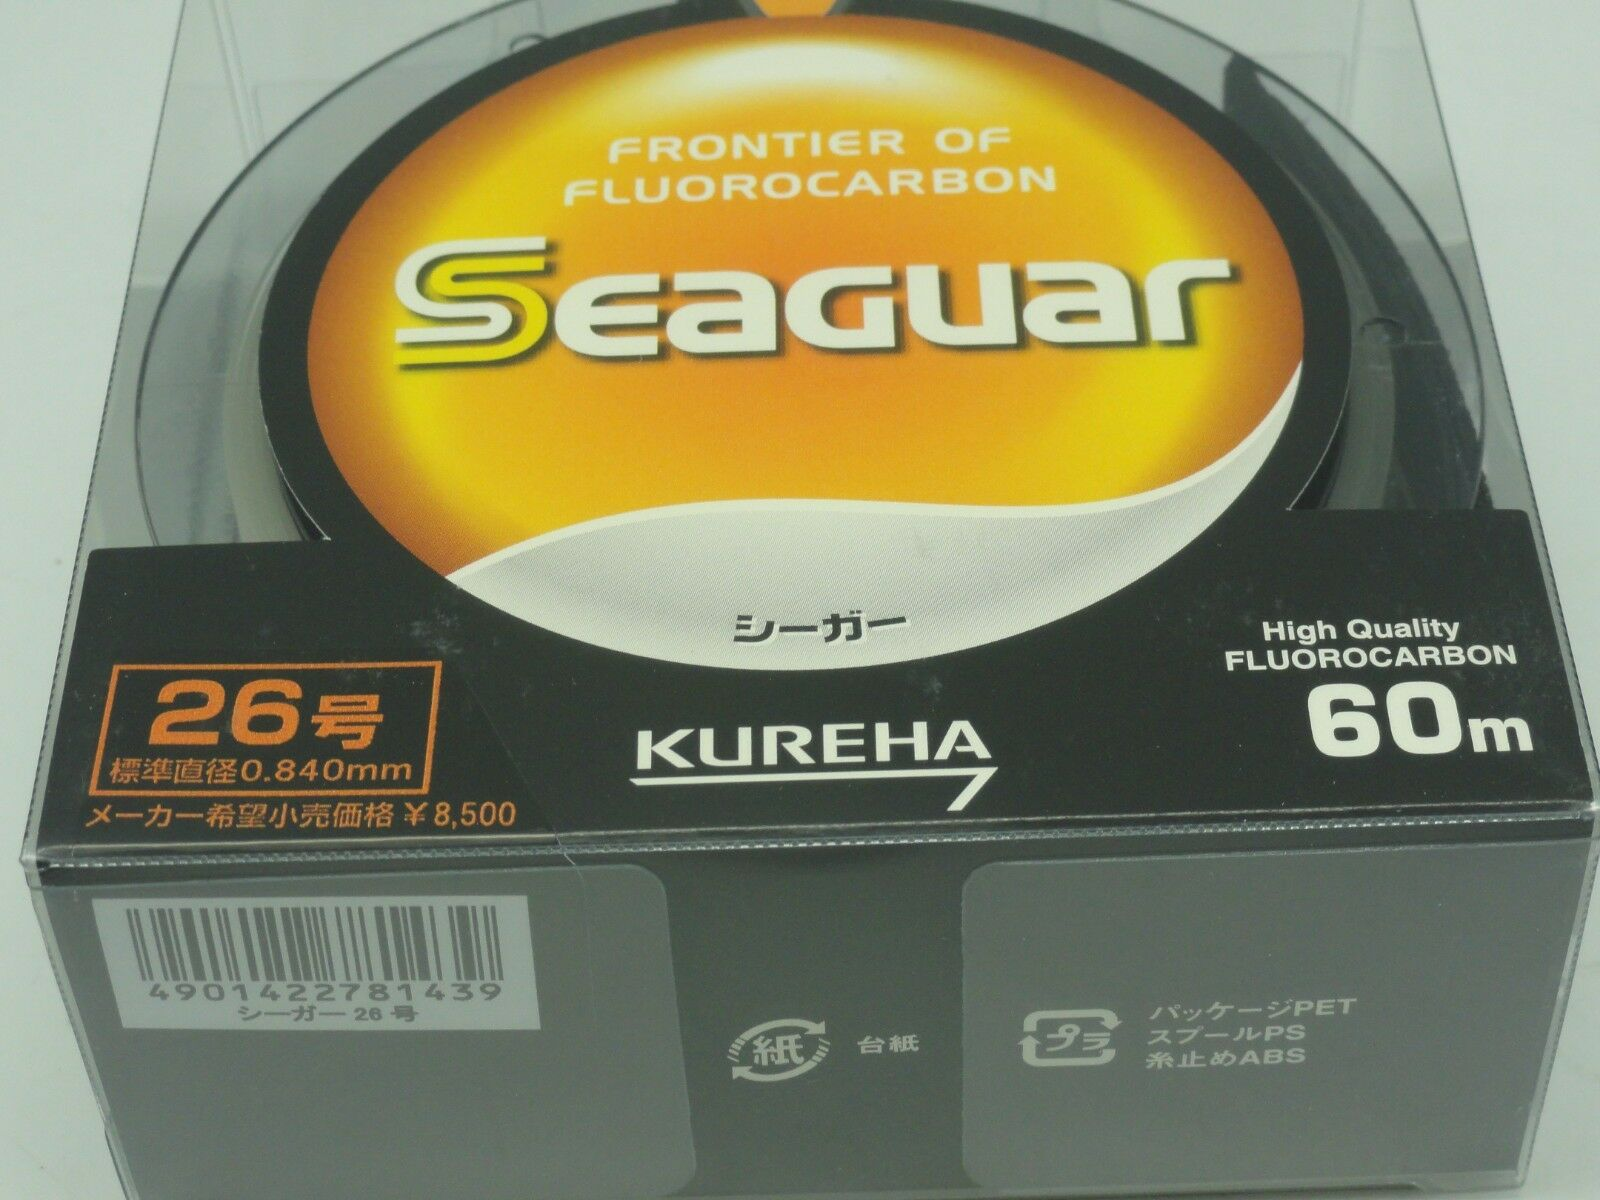 SEAWAR FRONTIER BIG GAME FLUGoldCARBON LEADER Japan U.S 95 lb 60m 66yds